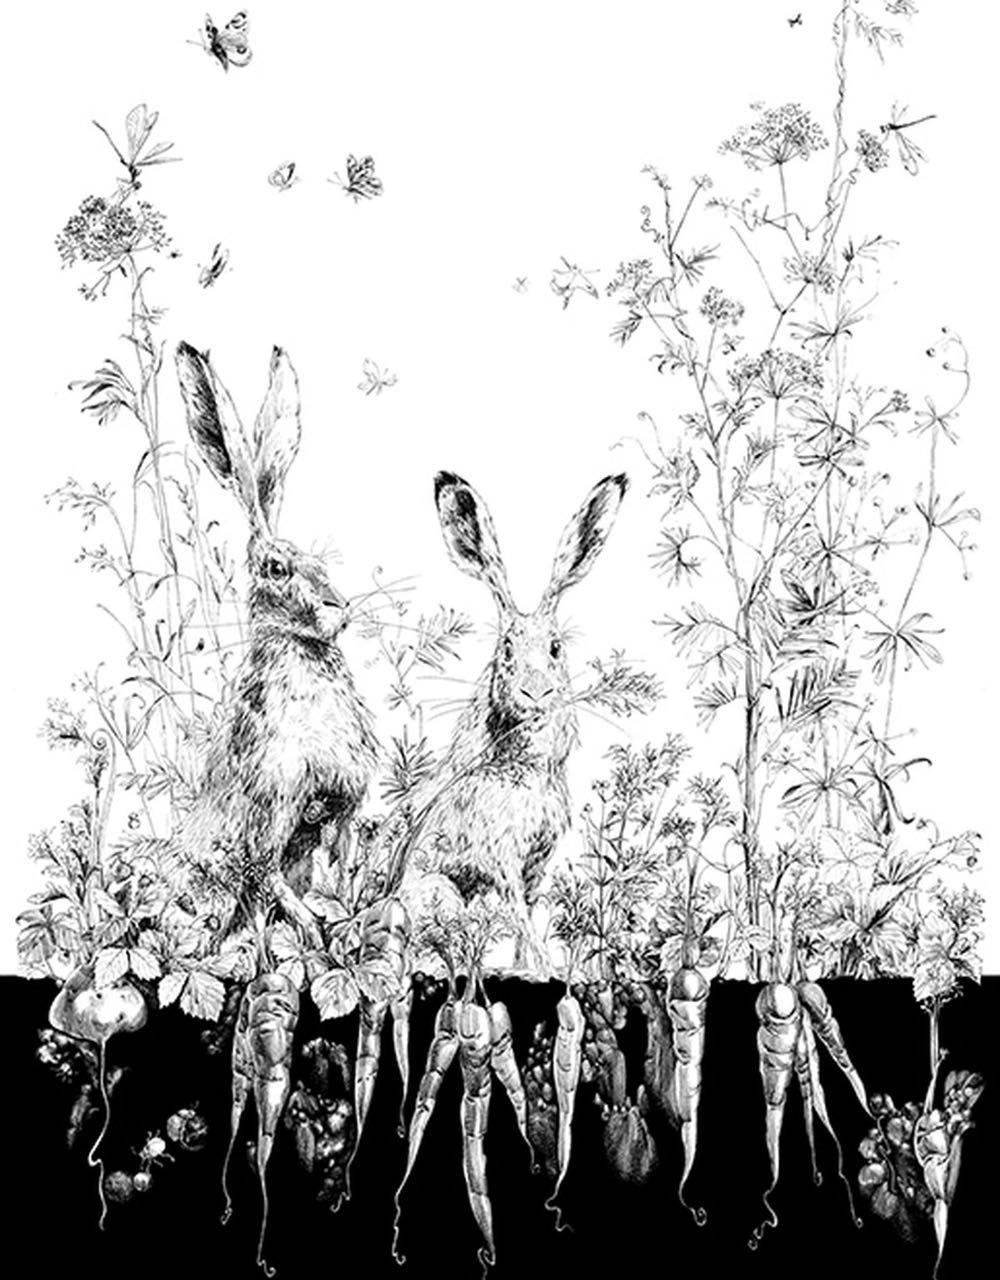 フランス壁紙 1ロール(3m) フリース(不織布) - 防炎加工 by キャサリン・グラン 《リエーブル - 左》 ブラック & ホワイト by Edmond Petit (エドモンプティ)